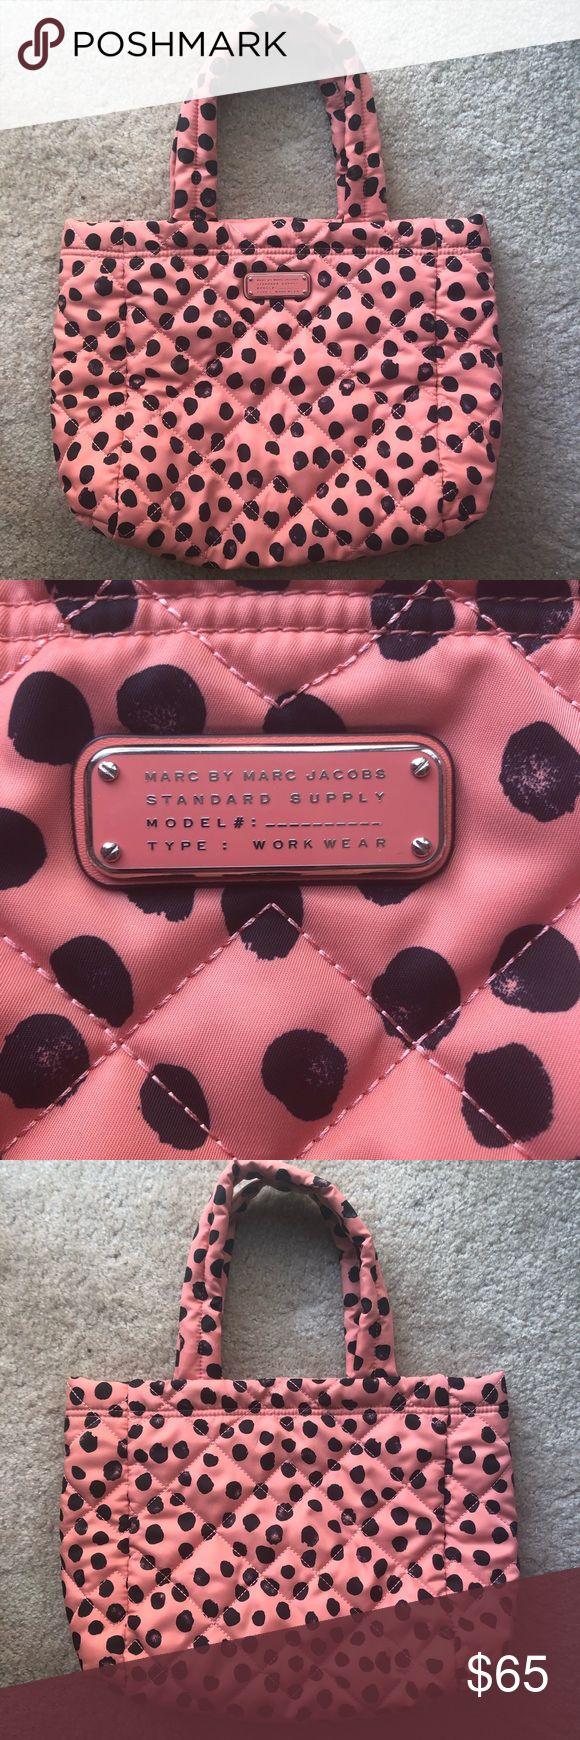 Neue Marc Jacobs Schultertasche Brandneues Pink mit schwarzem Tupfen Marc Jacobs …